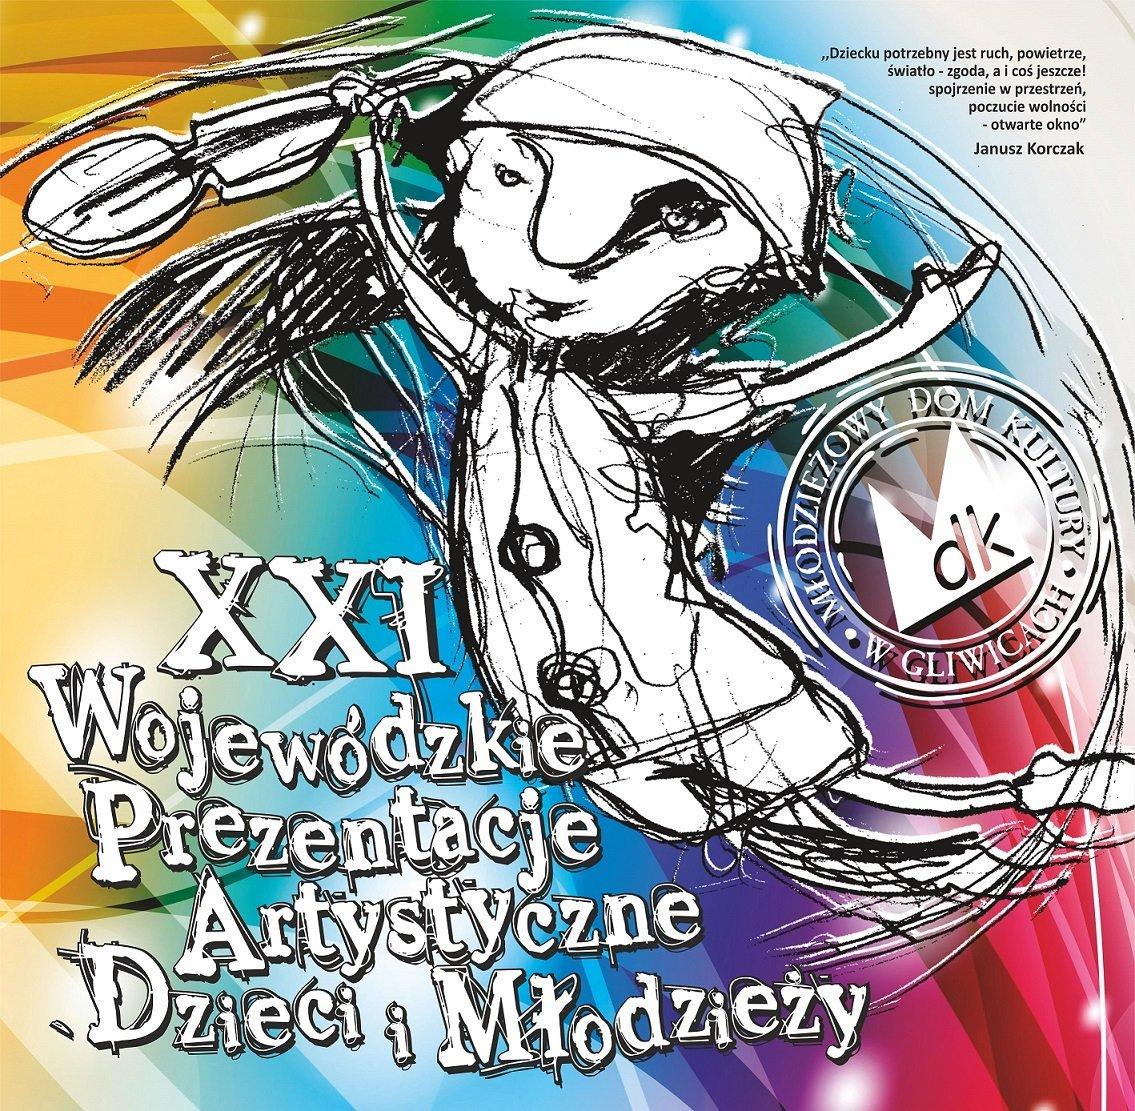 XXI Wojewódzkie Prezentacje Artystyczne Dzieci i Młodzieży. Gliwice